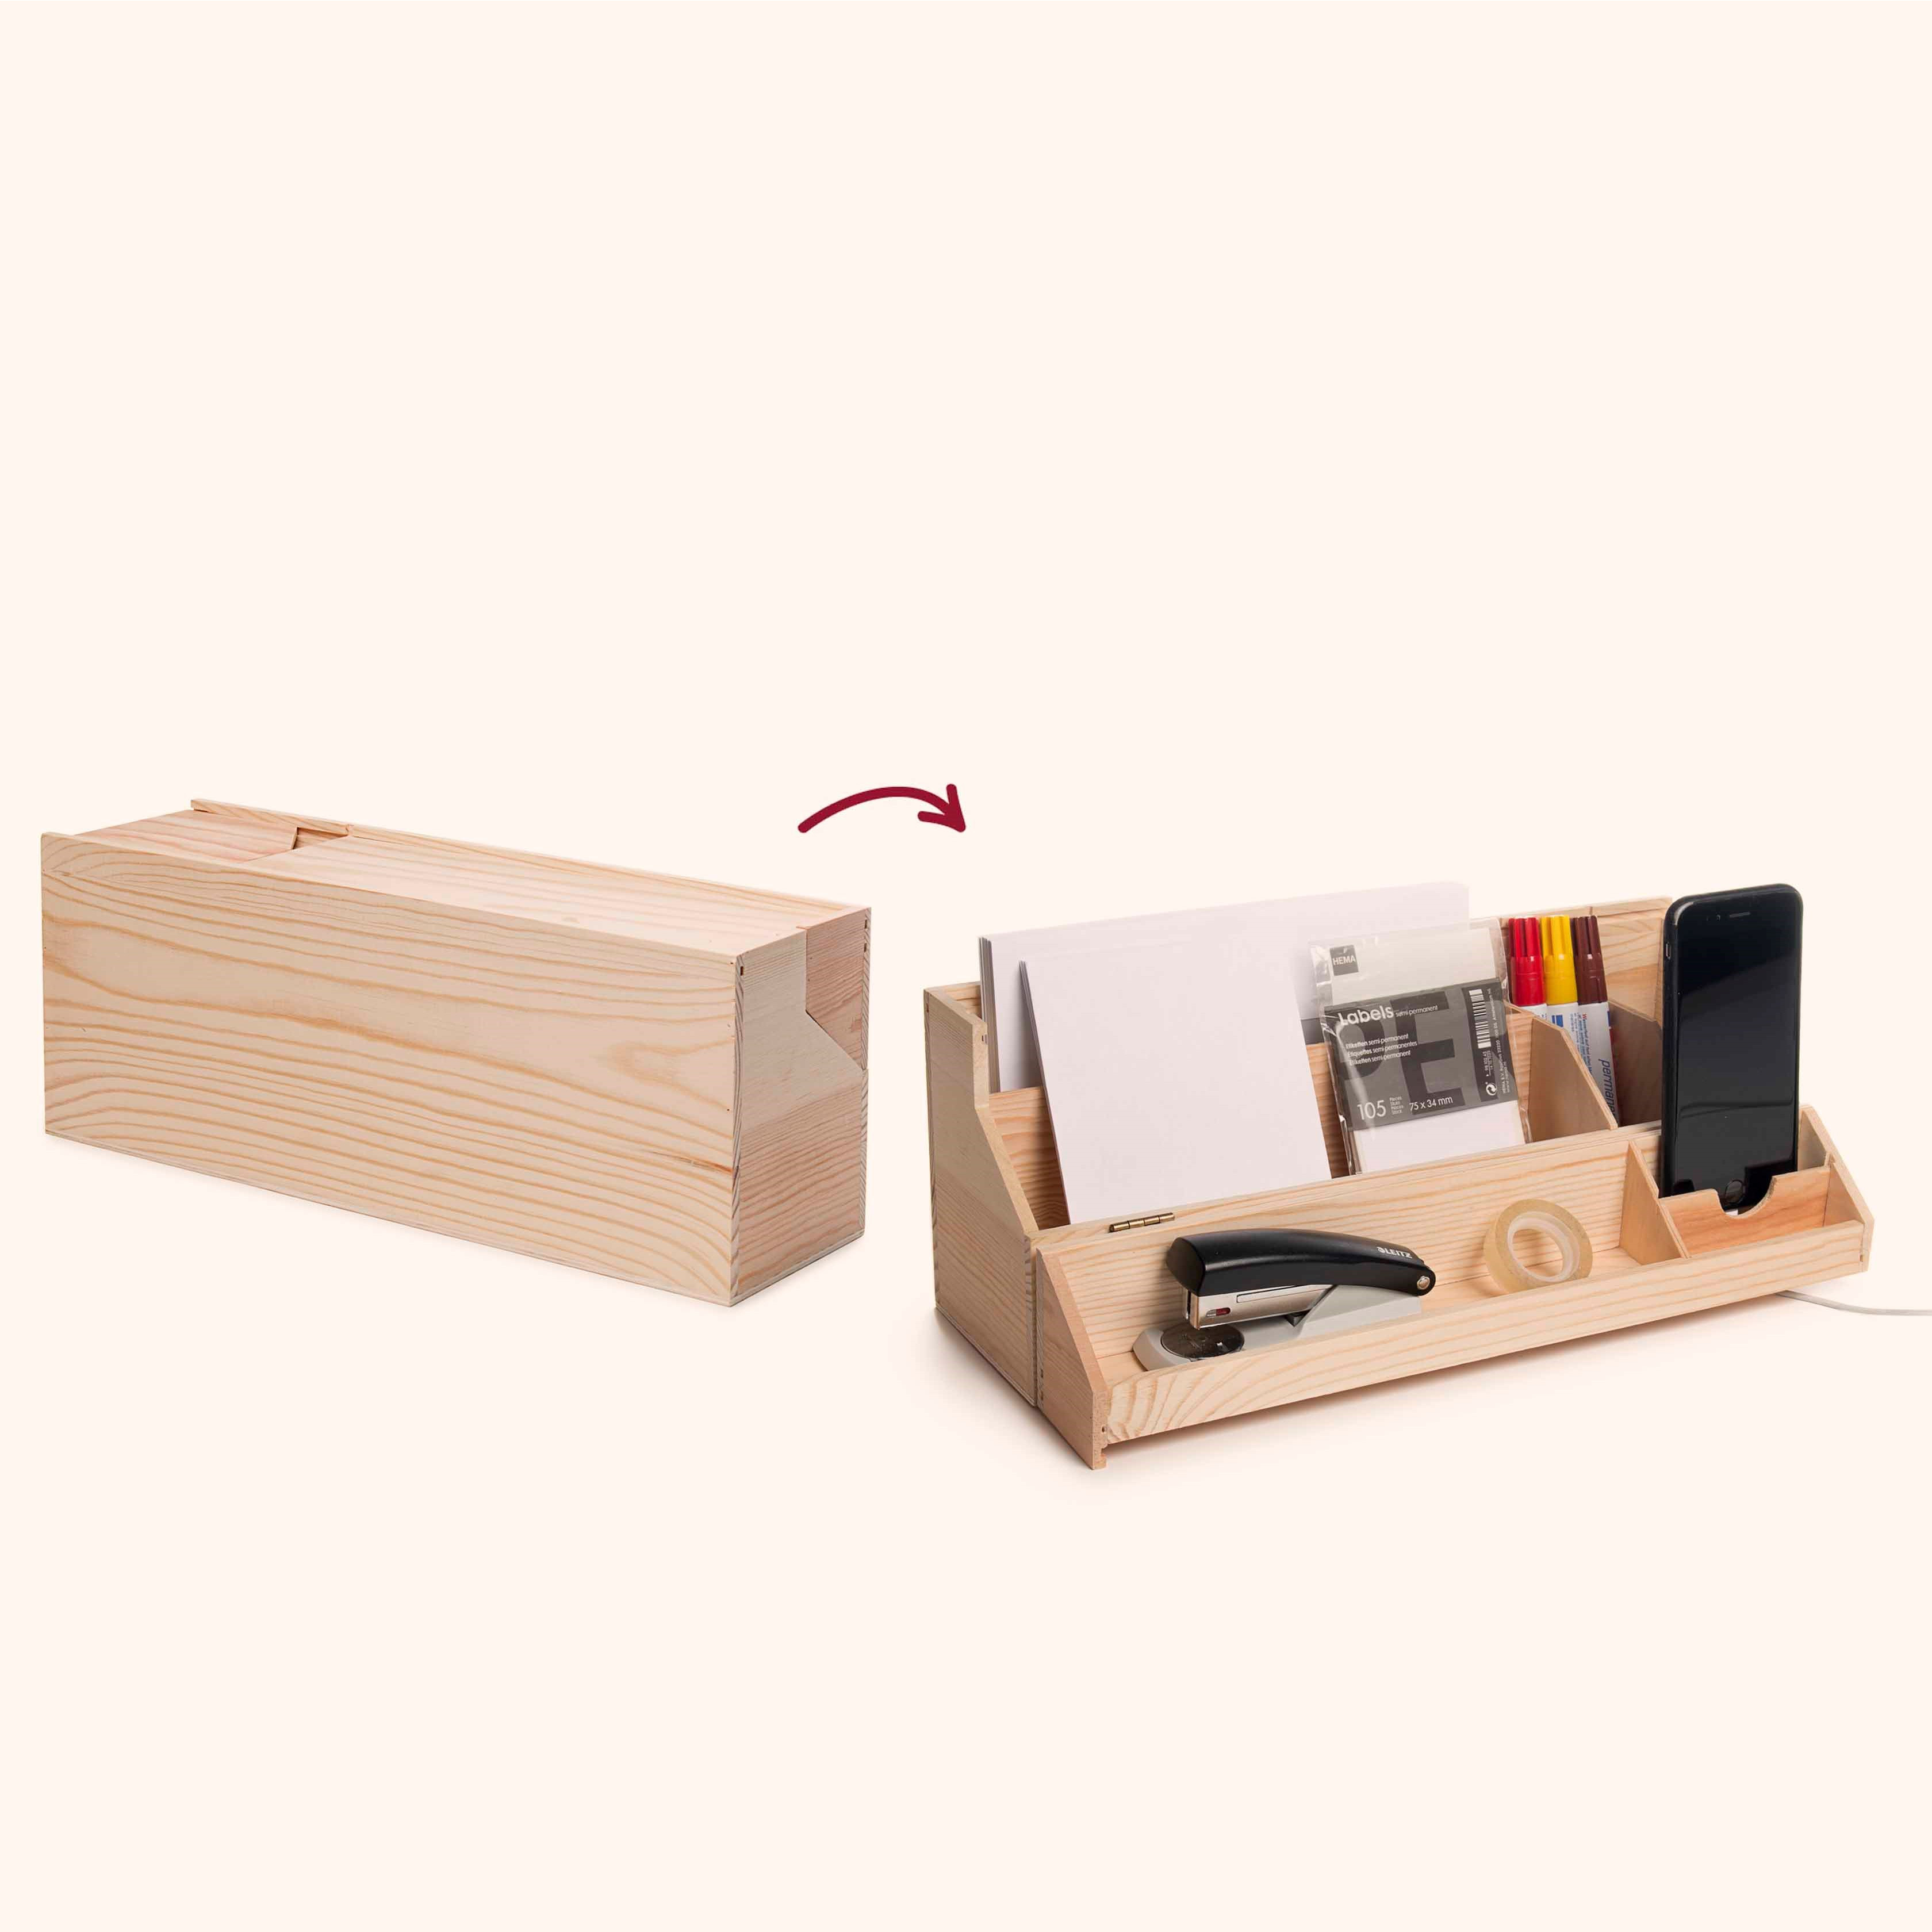 2-in-1-Weinlagerungsbox & Schreibtisch-Organisator Desk Topper